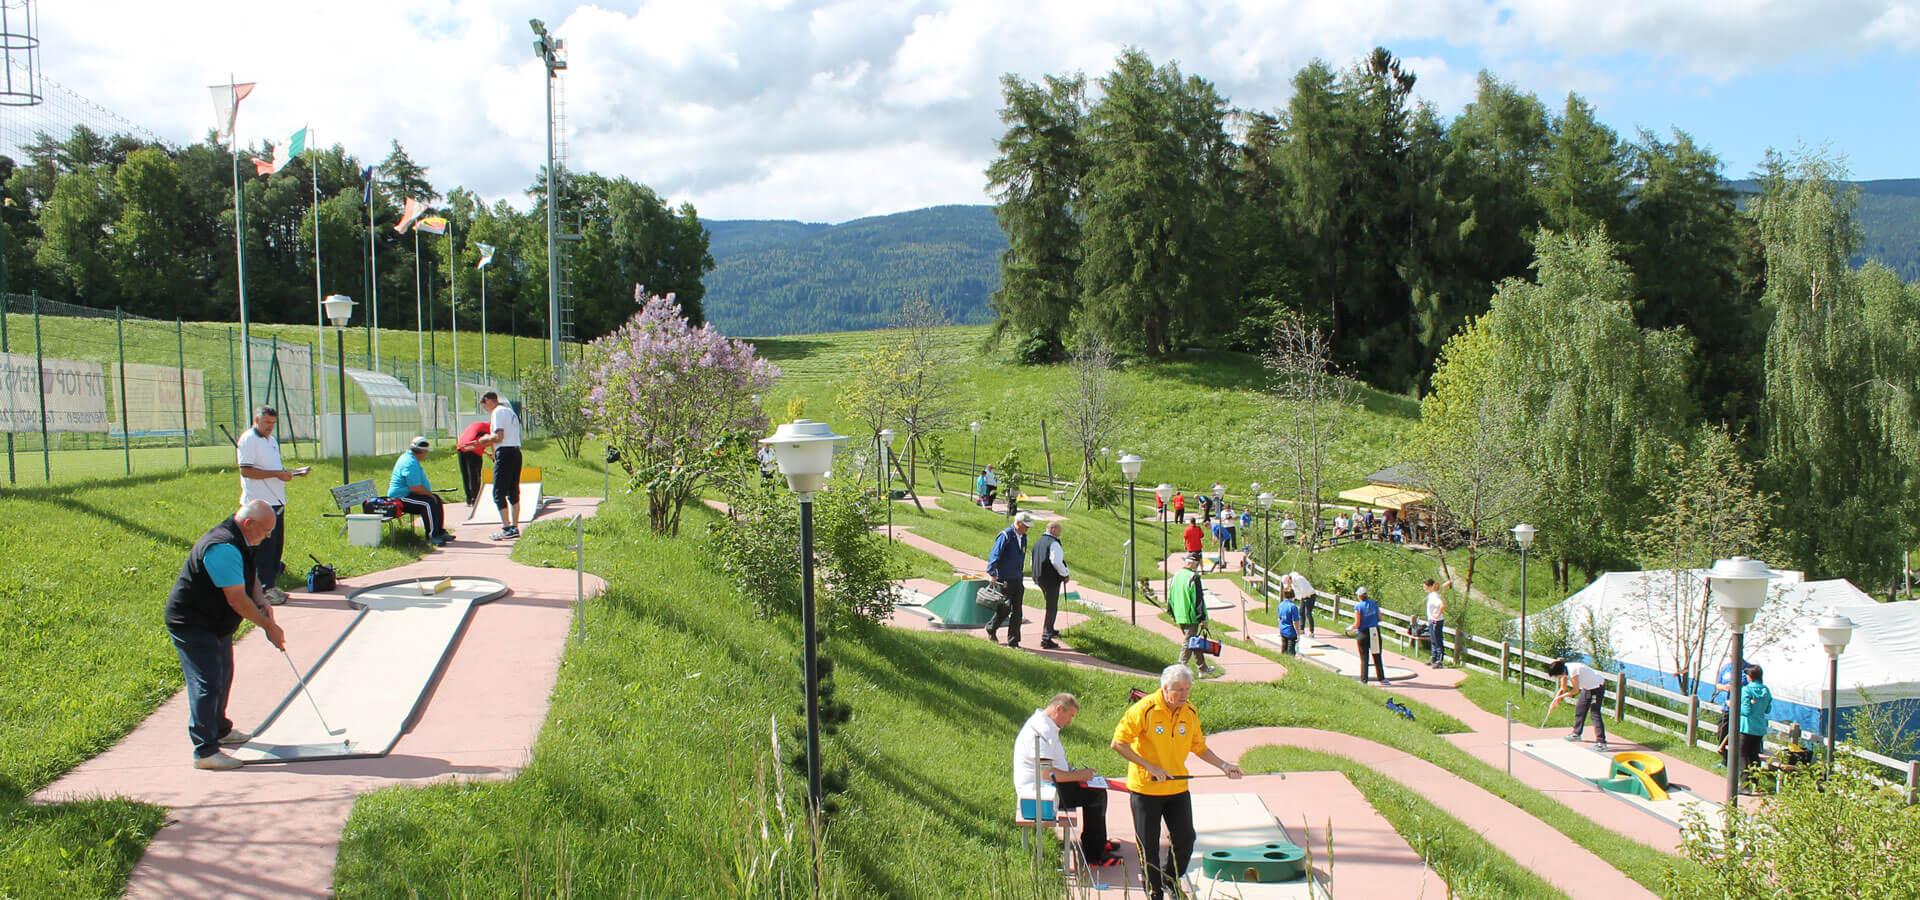 Sommer am Kronplatz - Südtirol